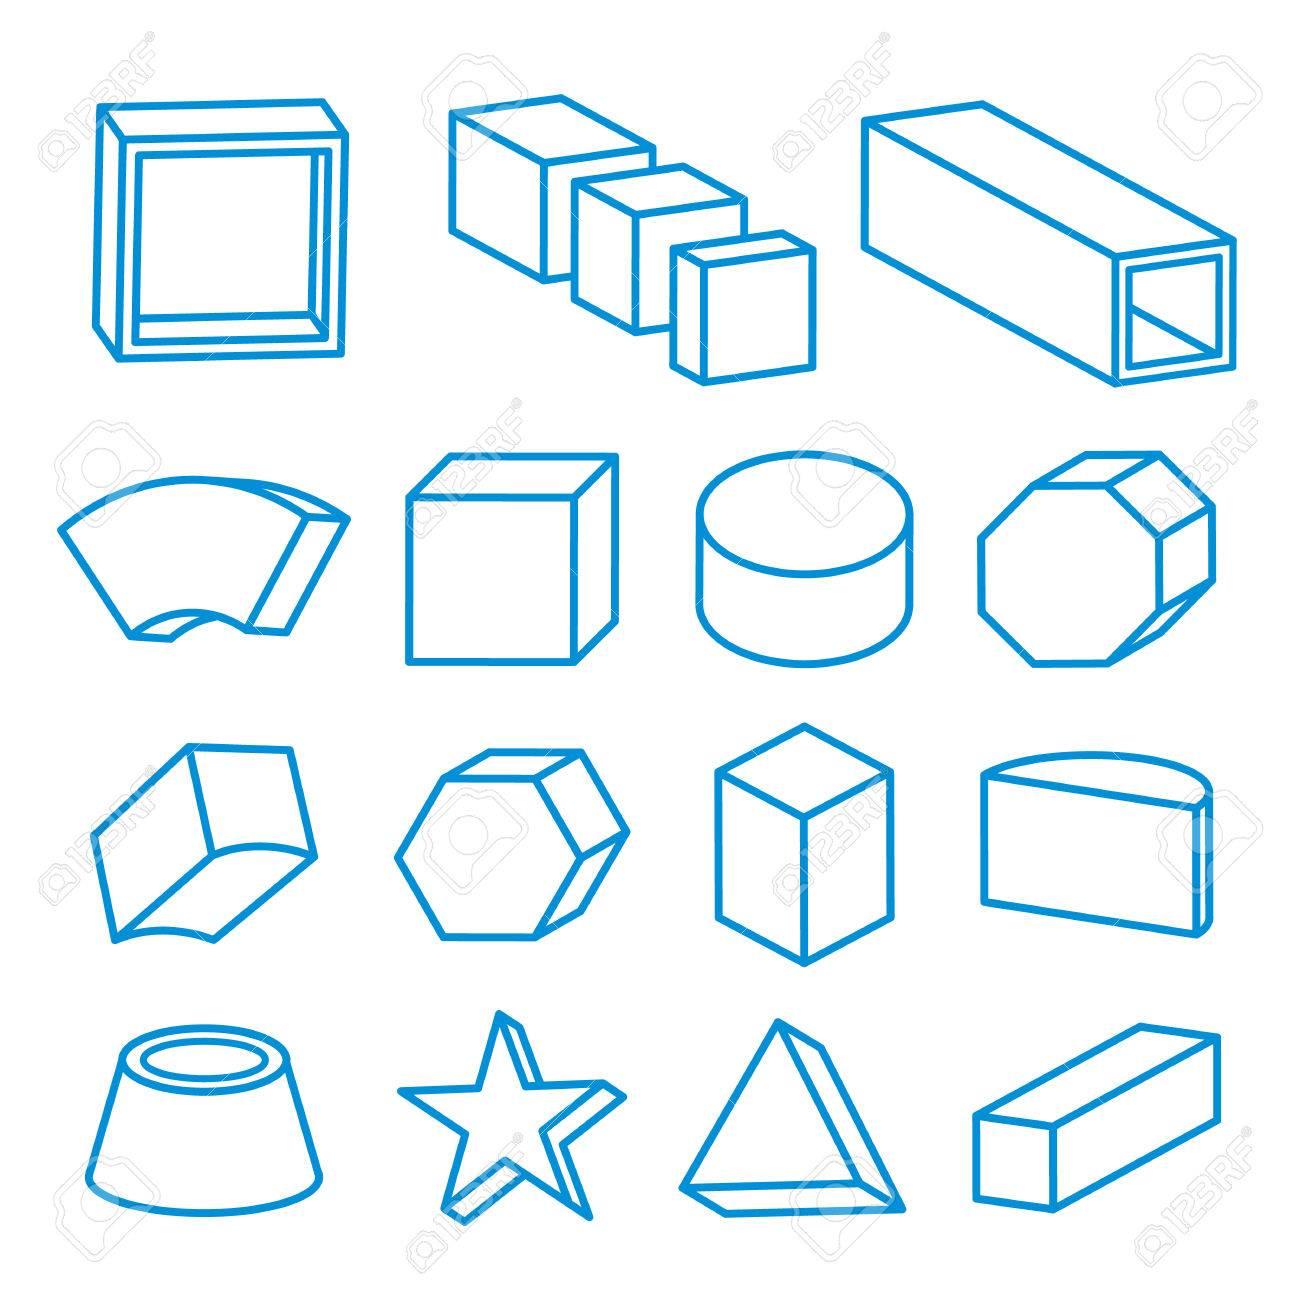 Conjunto De Formas Geométricas, Sólidos Platónicos, Ilustración Del ...